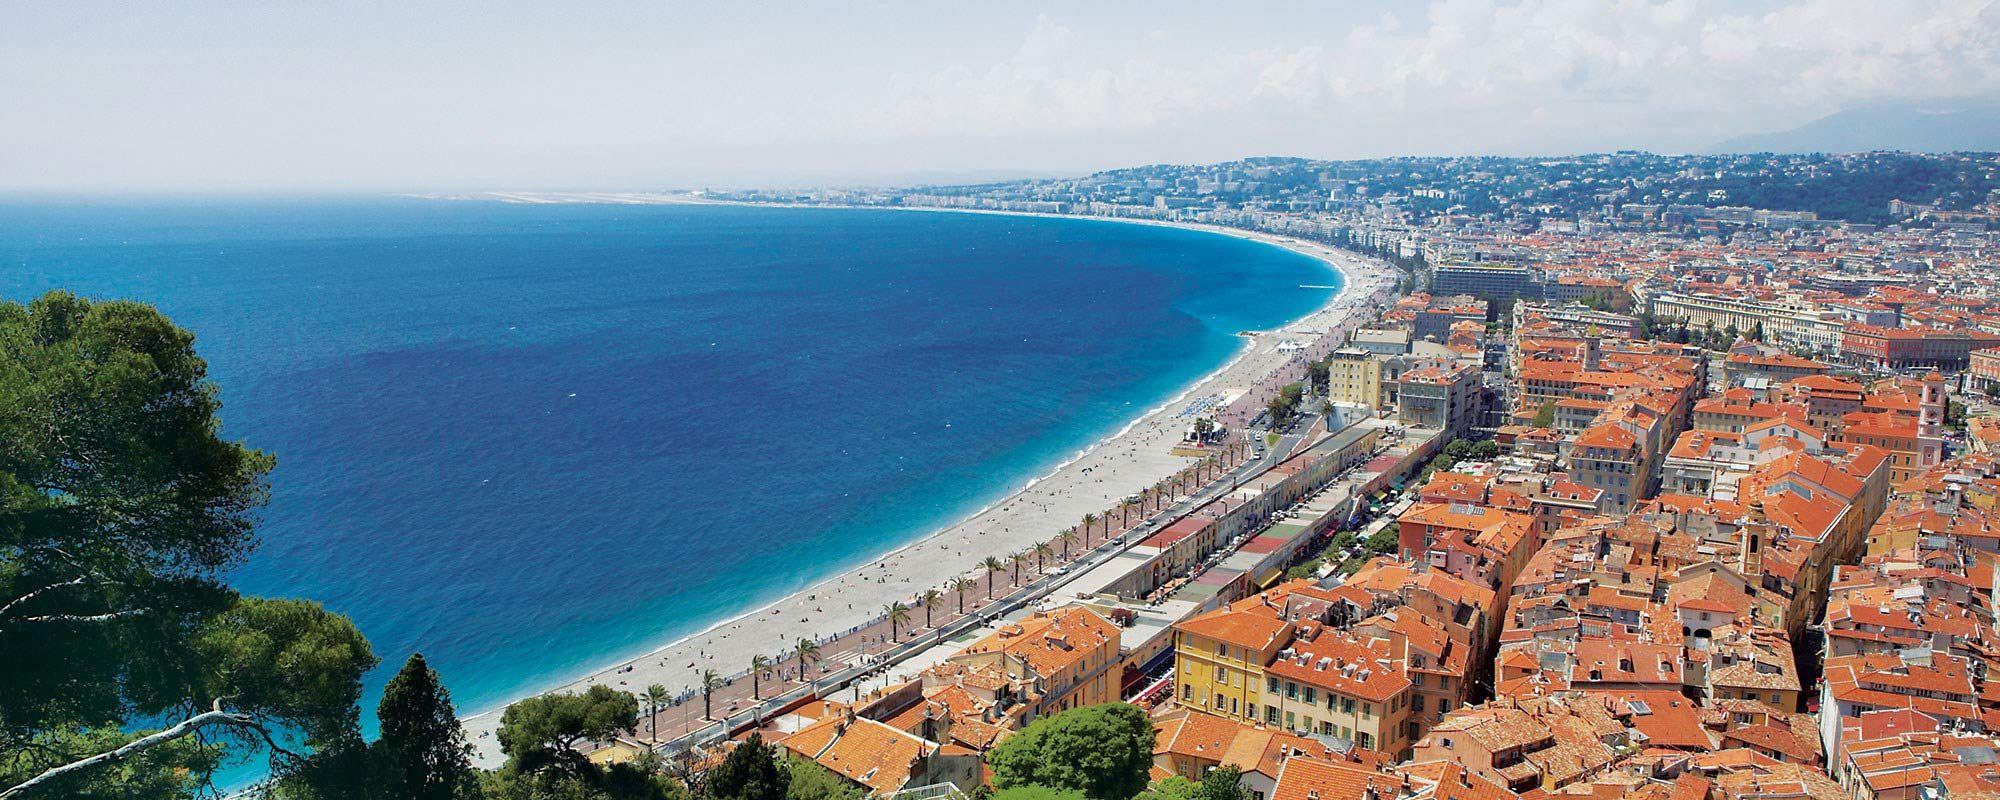 Colonie de vacances à Nice